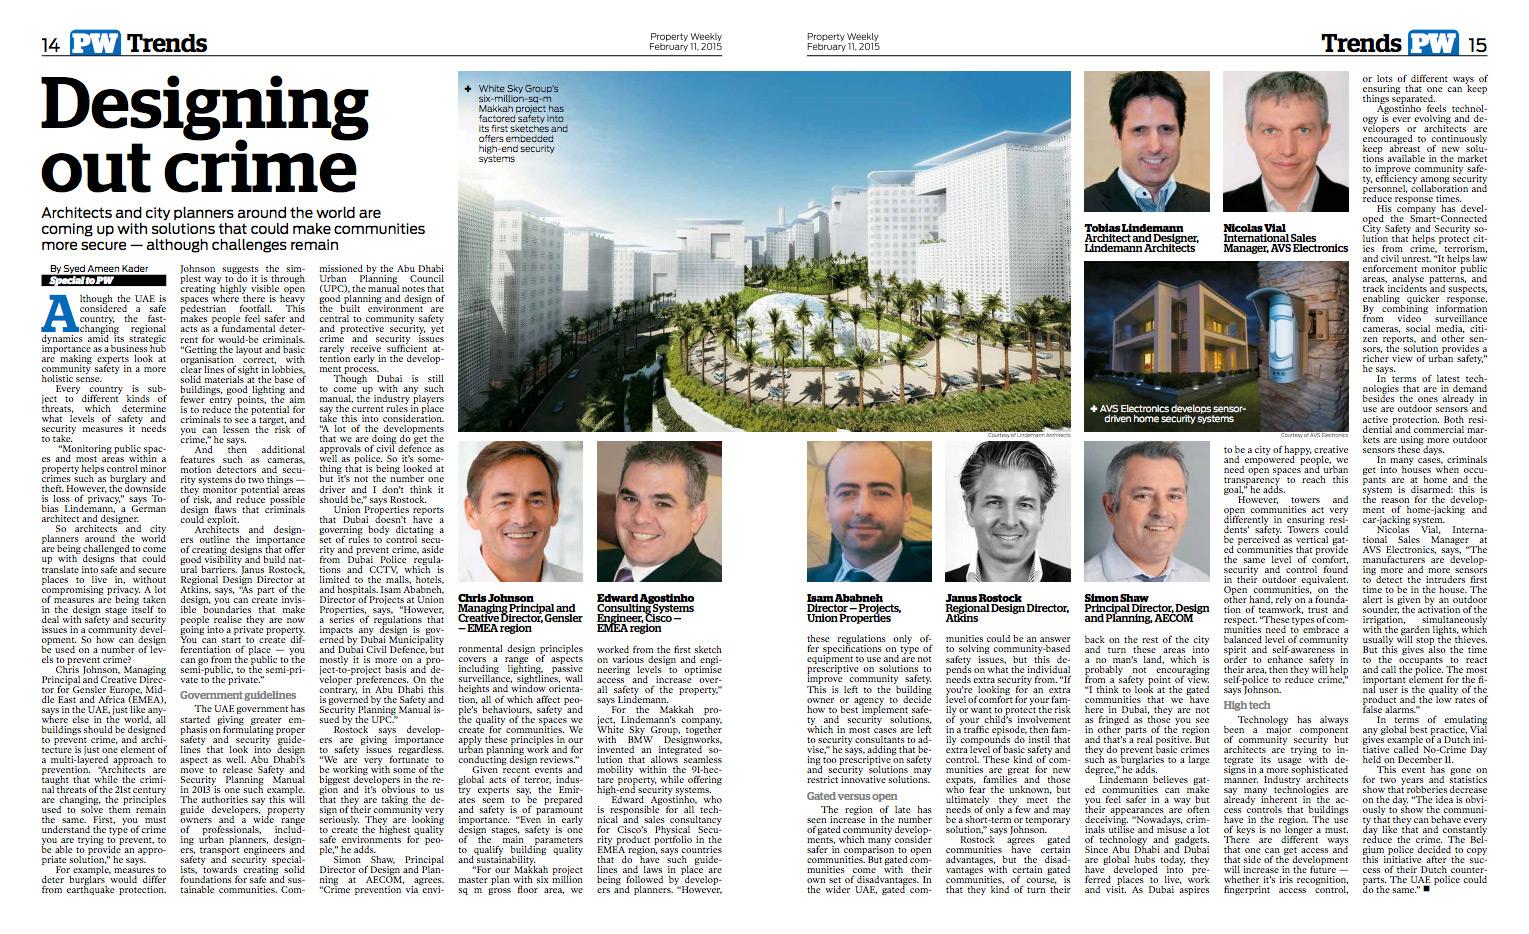 Lindemann Group - Property Weekly: Designing out crime - Lindemann's Makkah megaproject